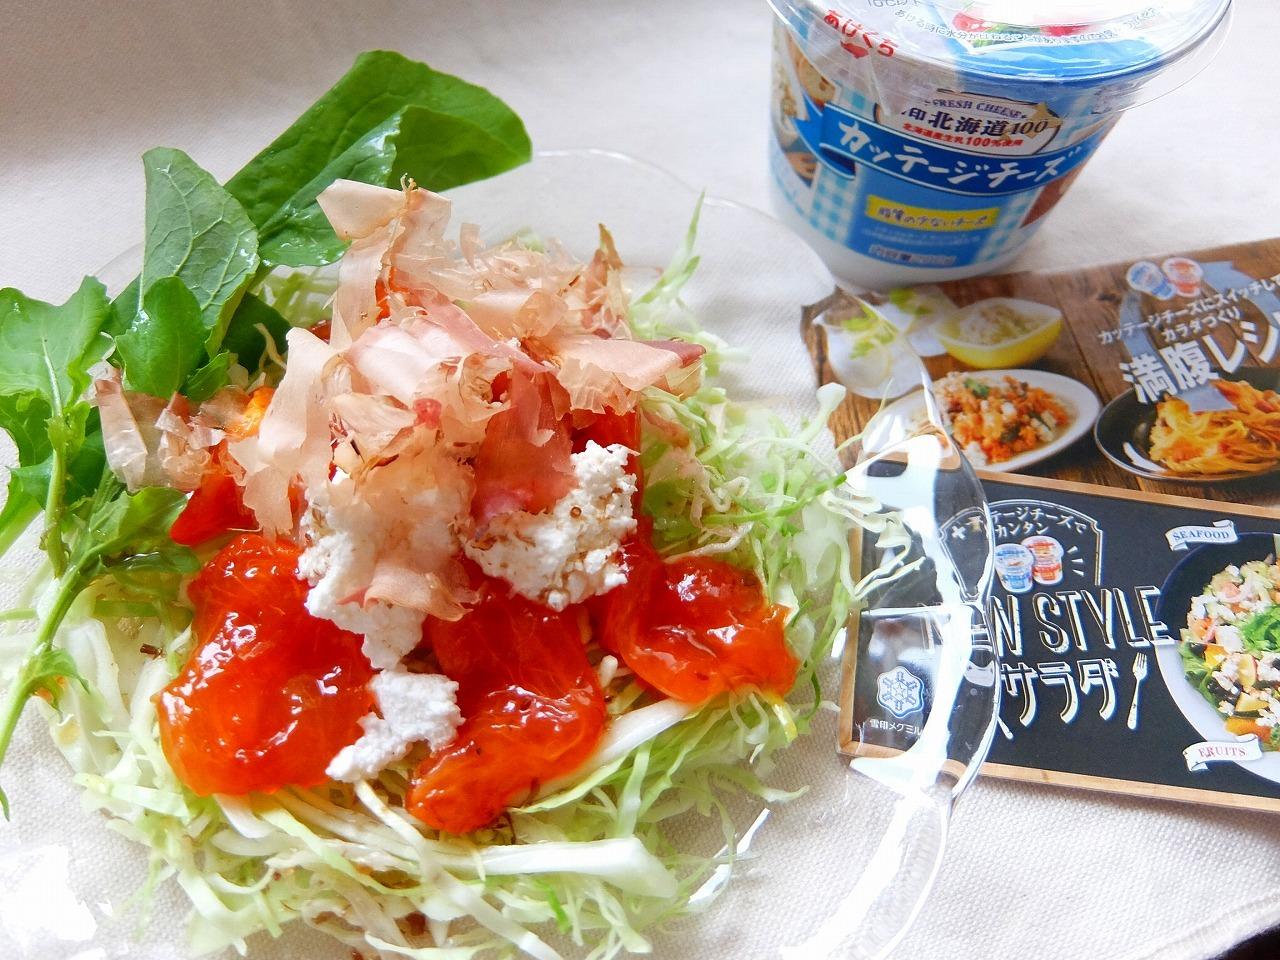 ずくし柿とカッテージチーズの和風サラダ♪_e0175443_11241432.jpg